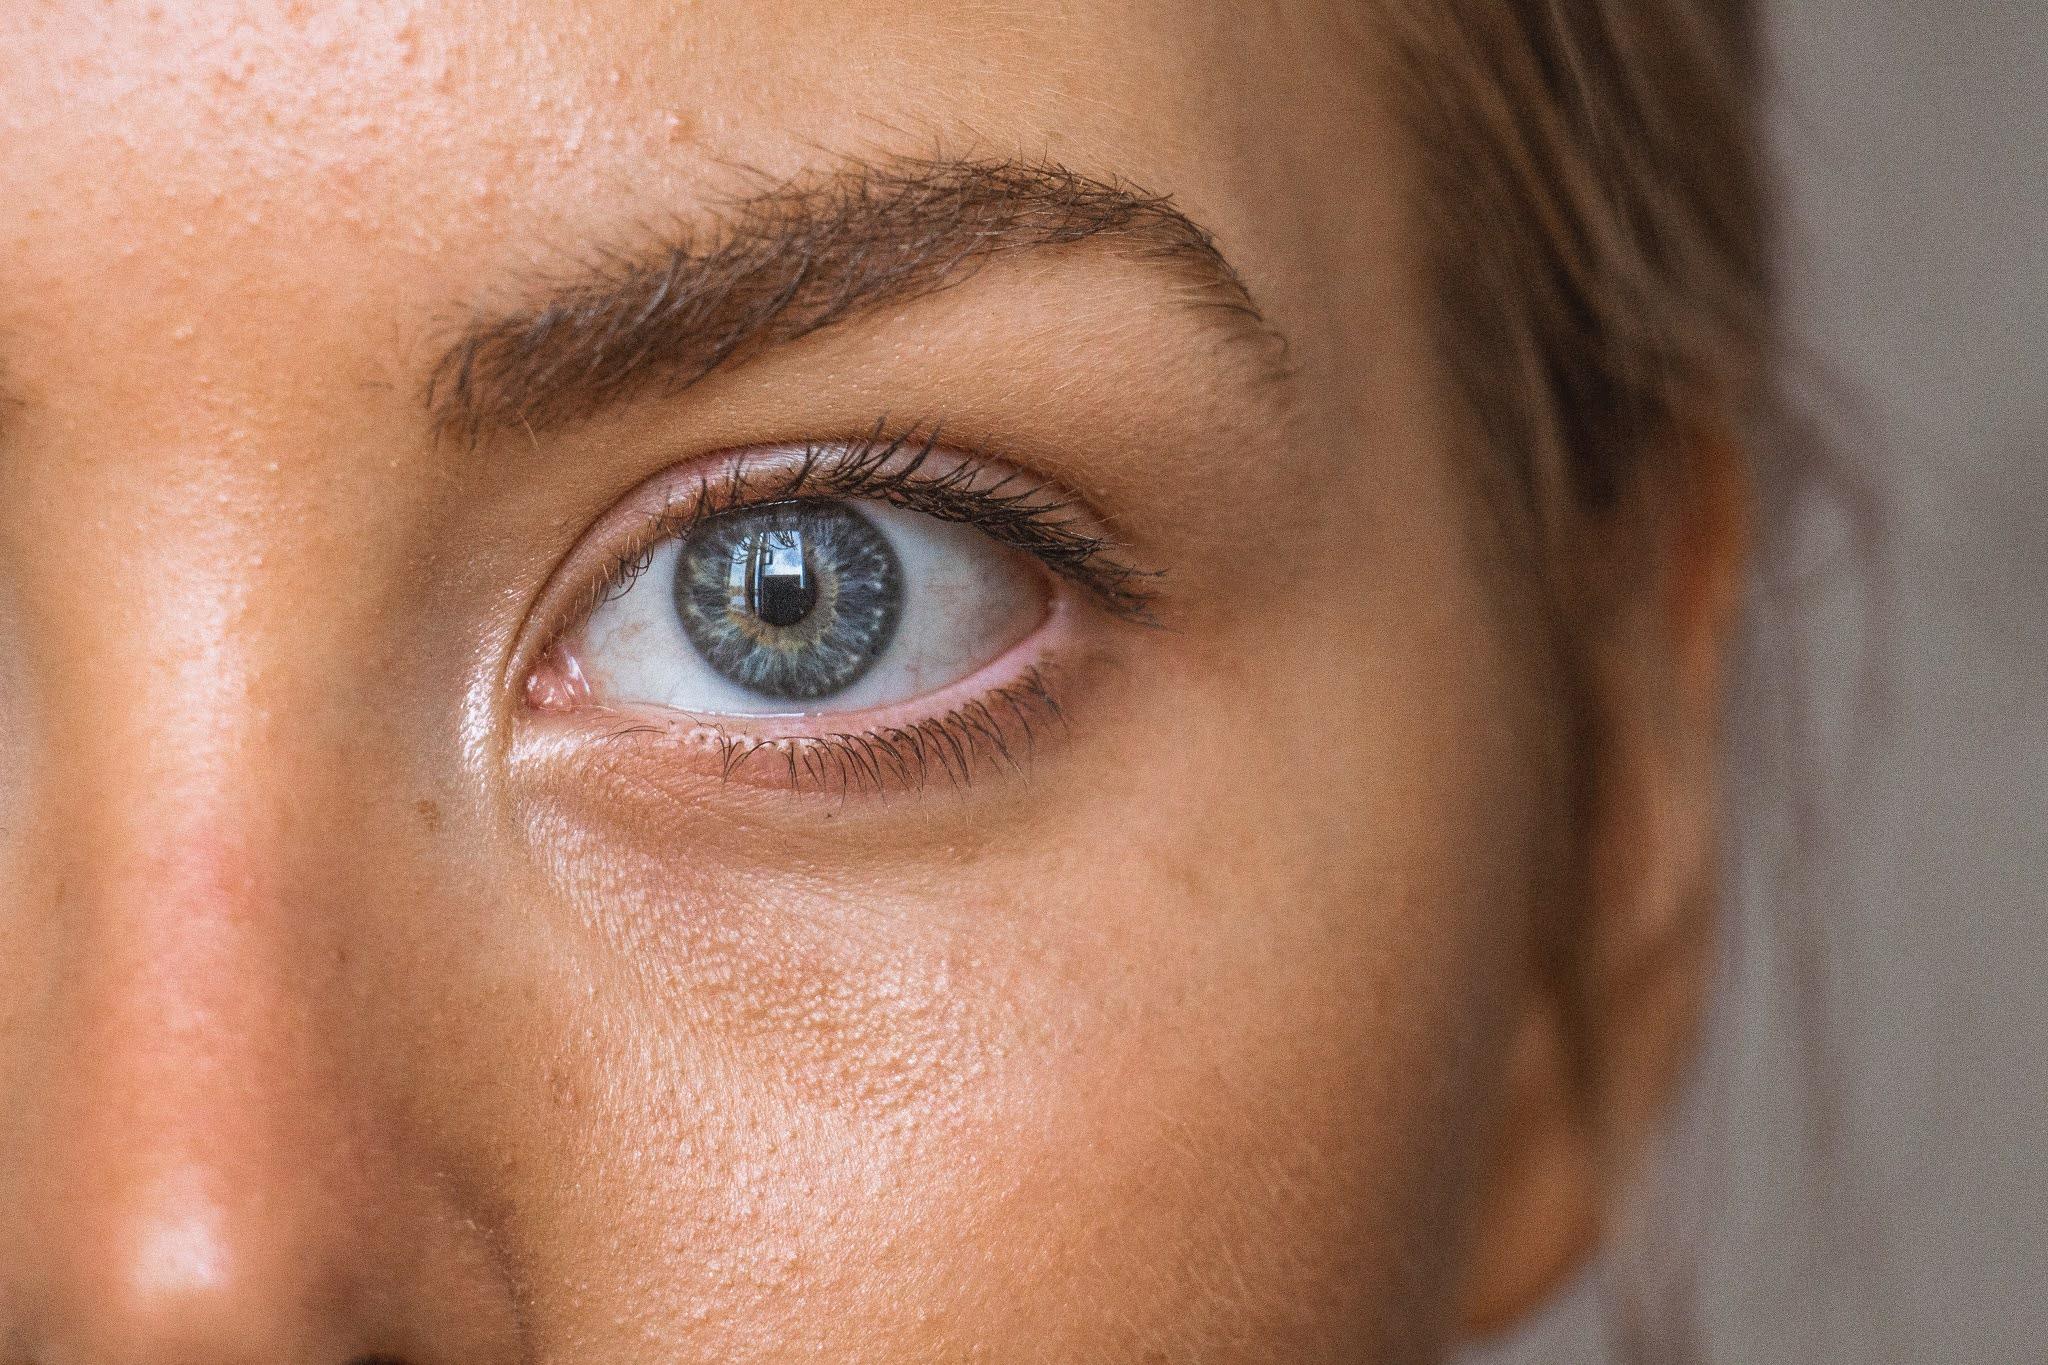 كيف افرق بين حساسية العين او عدوى